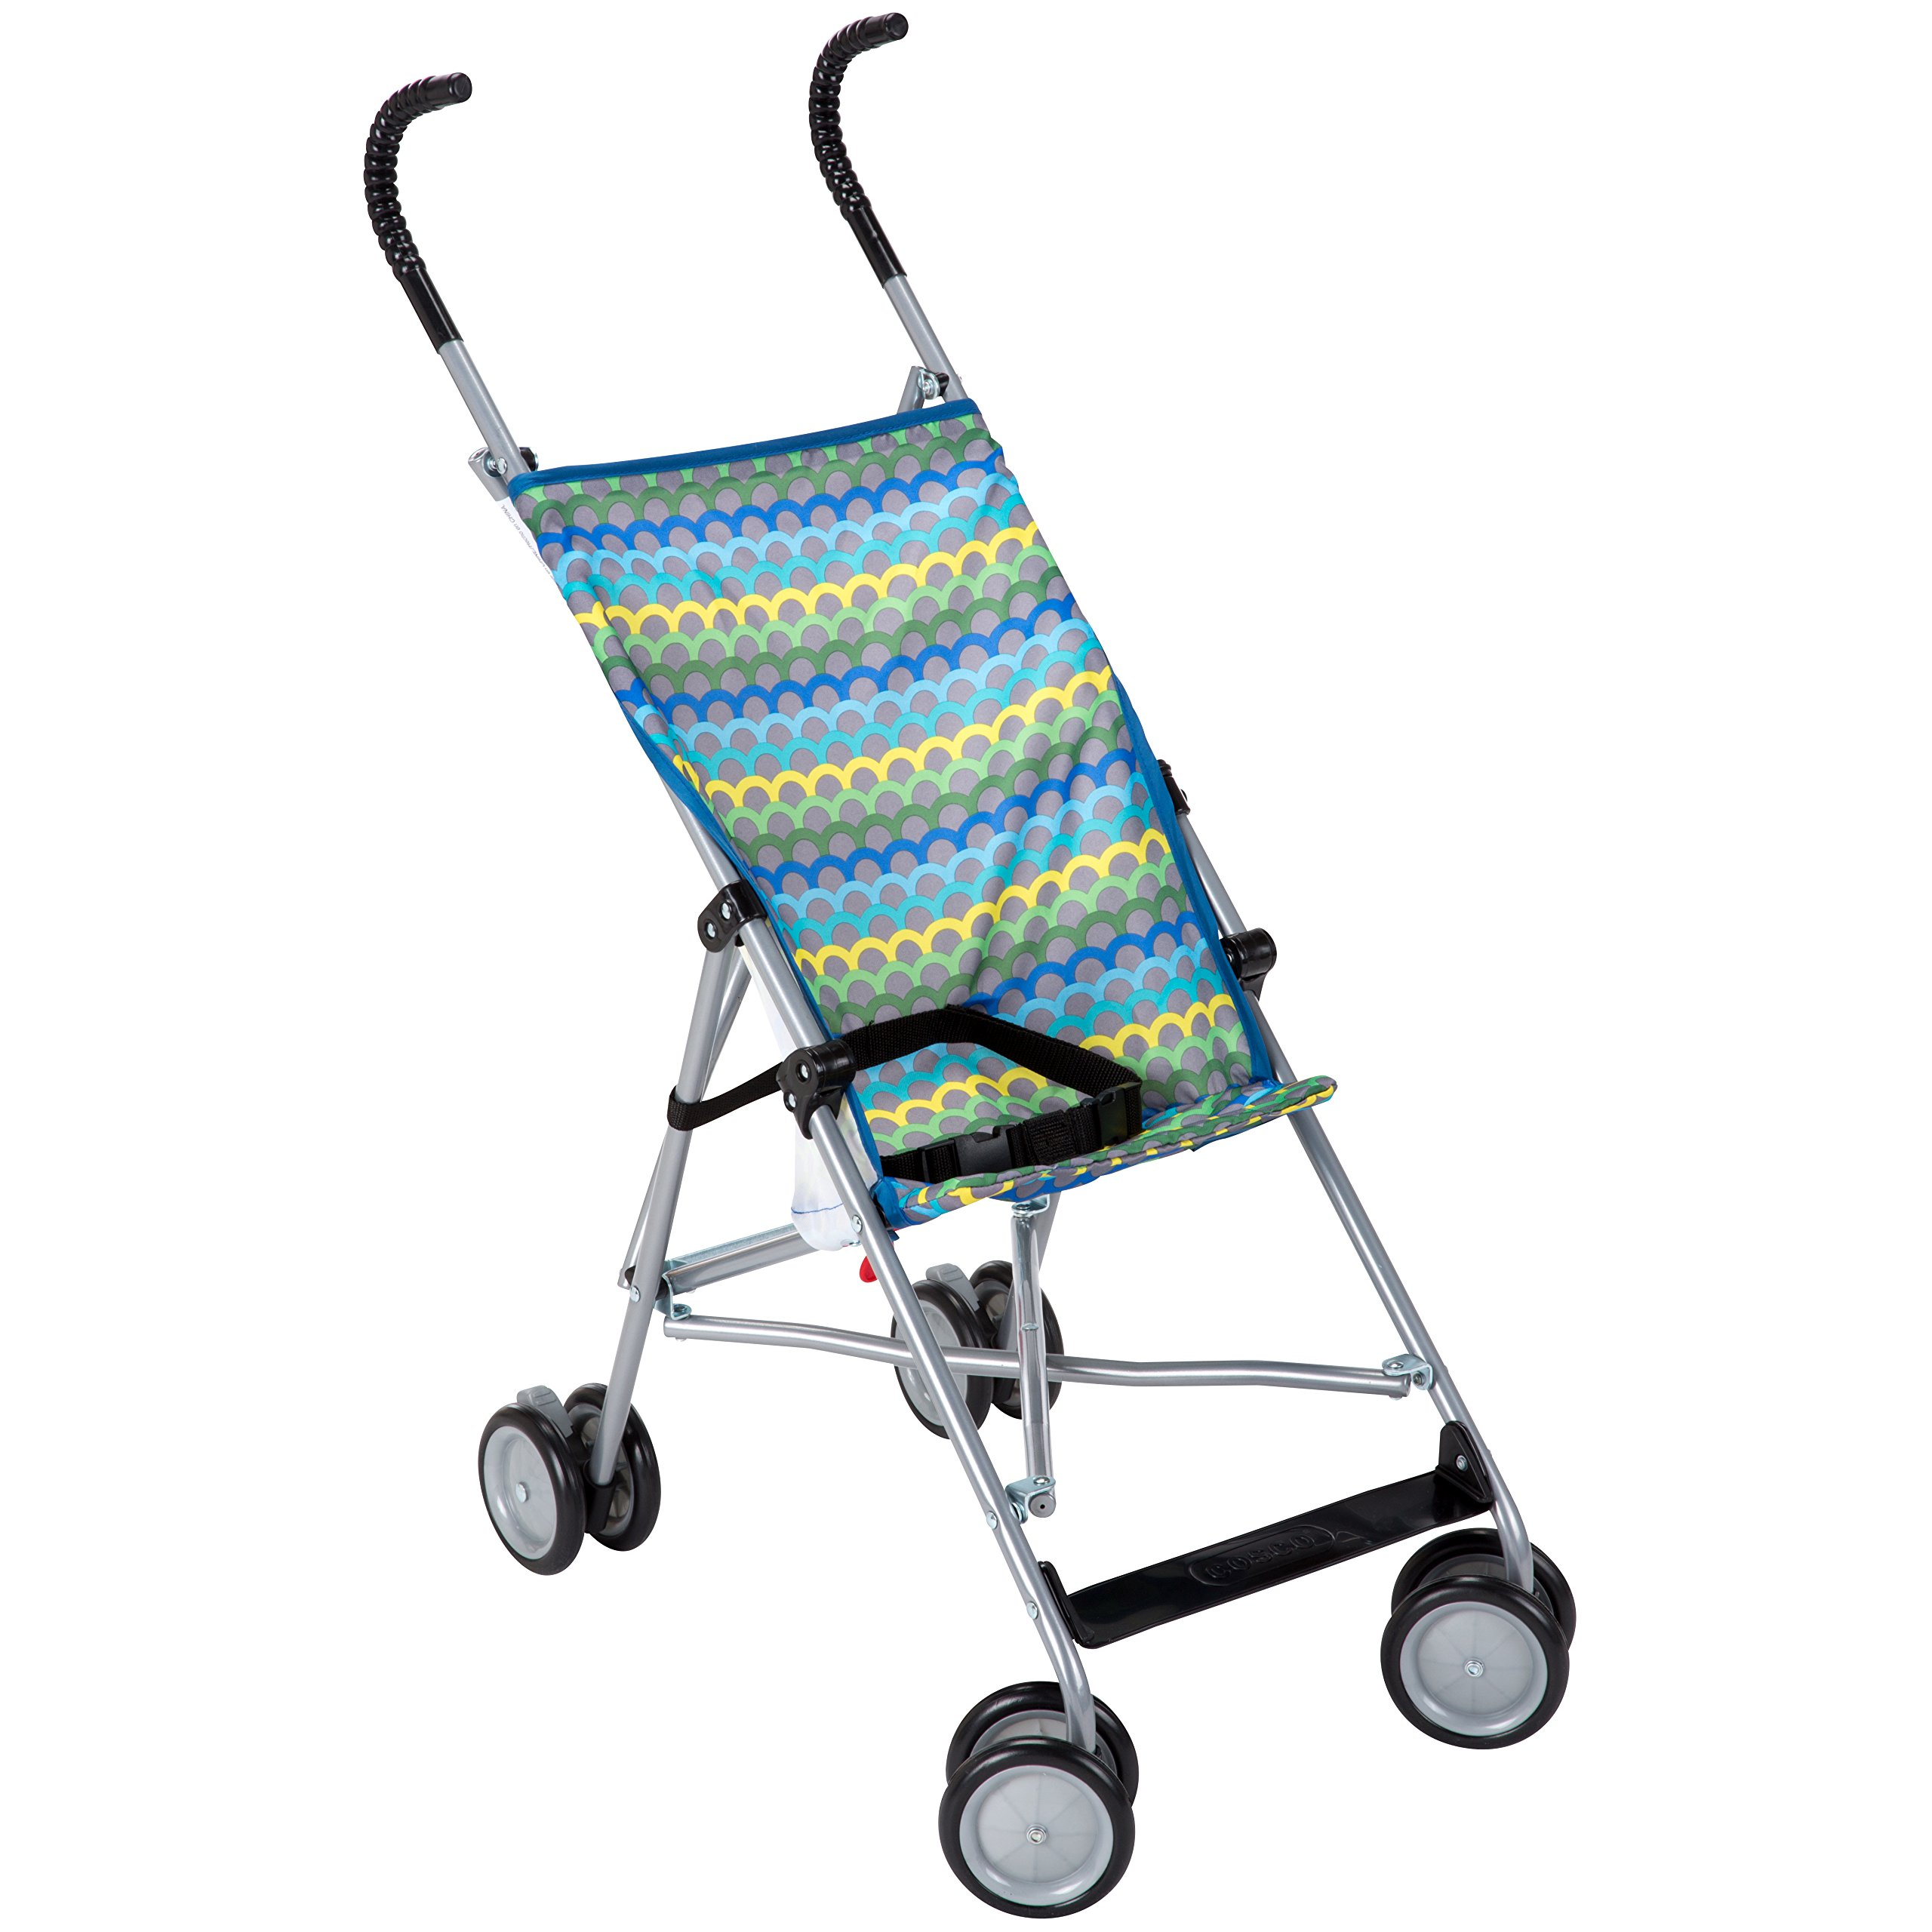 Cosco Umbrella Stroller, Horizon by Cosco (Image #1)